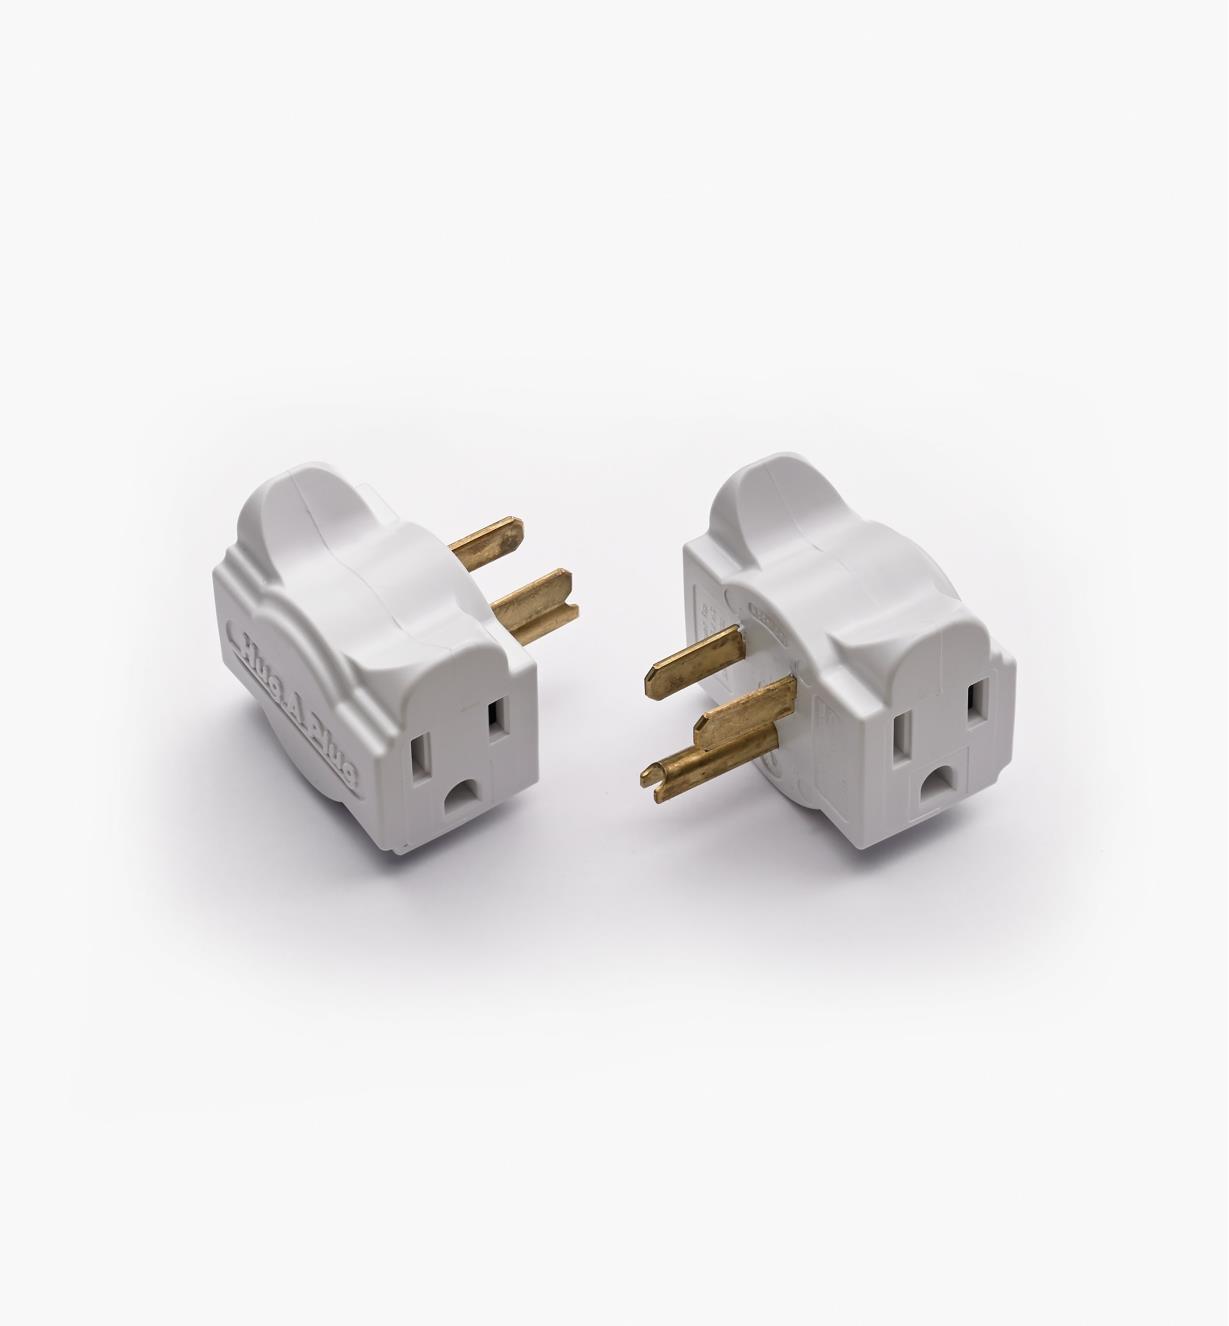 09A0850 - Adaptateurs de prise minces Hug-A-Plug, blanc, la paire